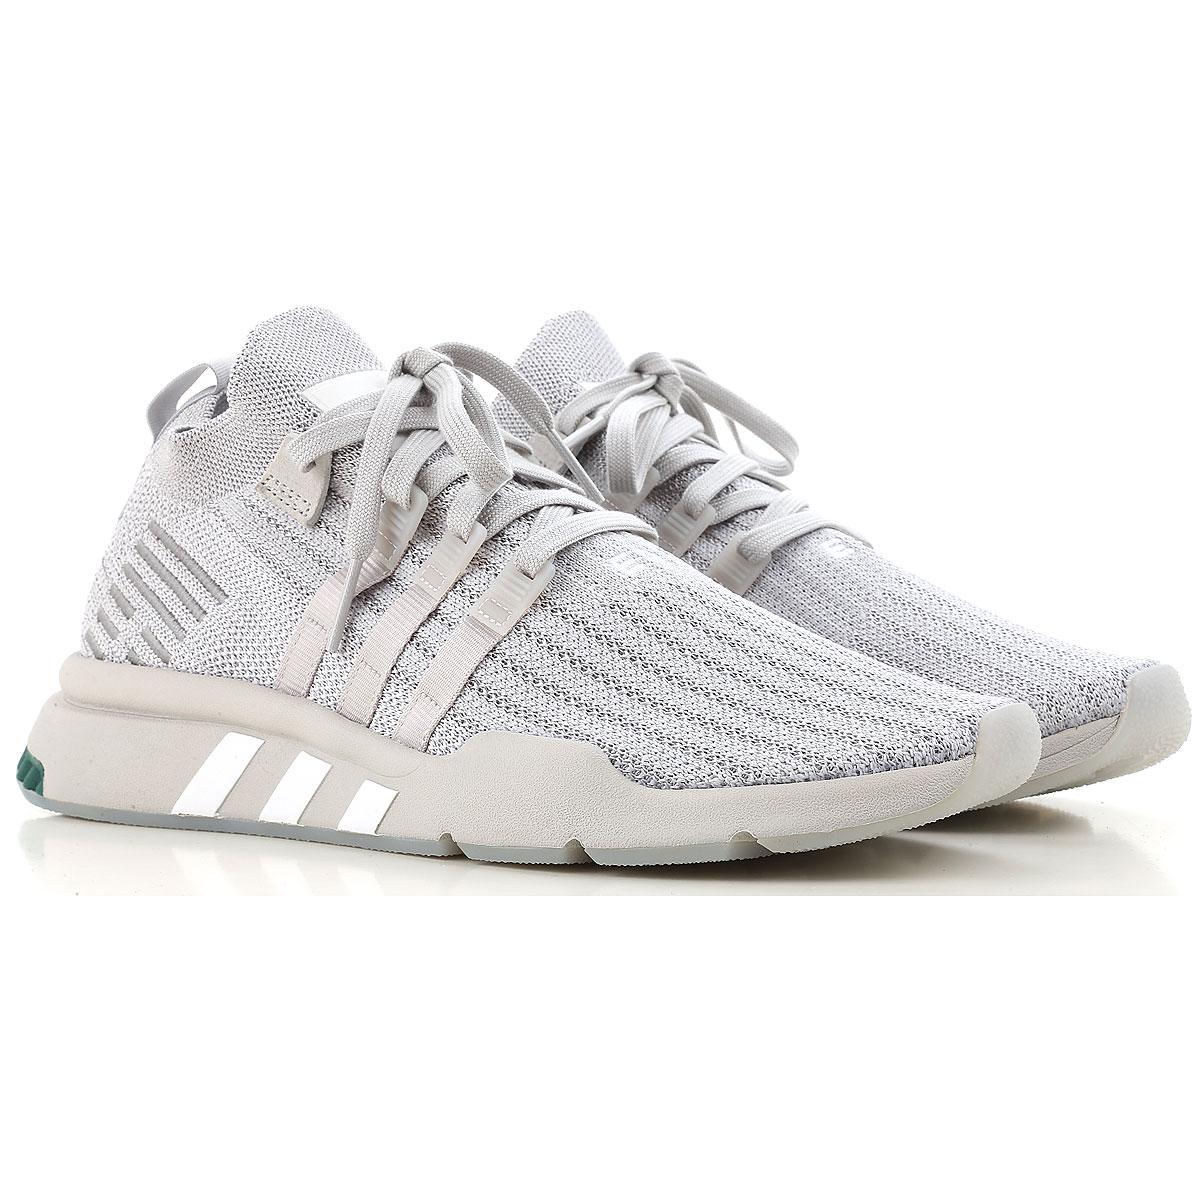 Image of Adidas Sneakers for Men, Light Grey, Fabric, 2017, US 10.5 - UK 10 - EU 44.5 US 11.5 - UK 11 - EU 45.5 US 8 - UK 7.5 - EU 41